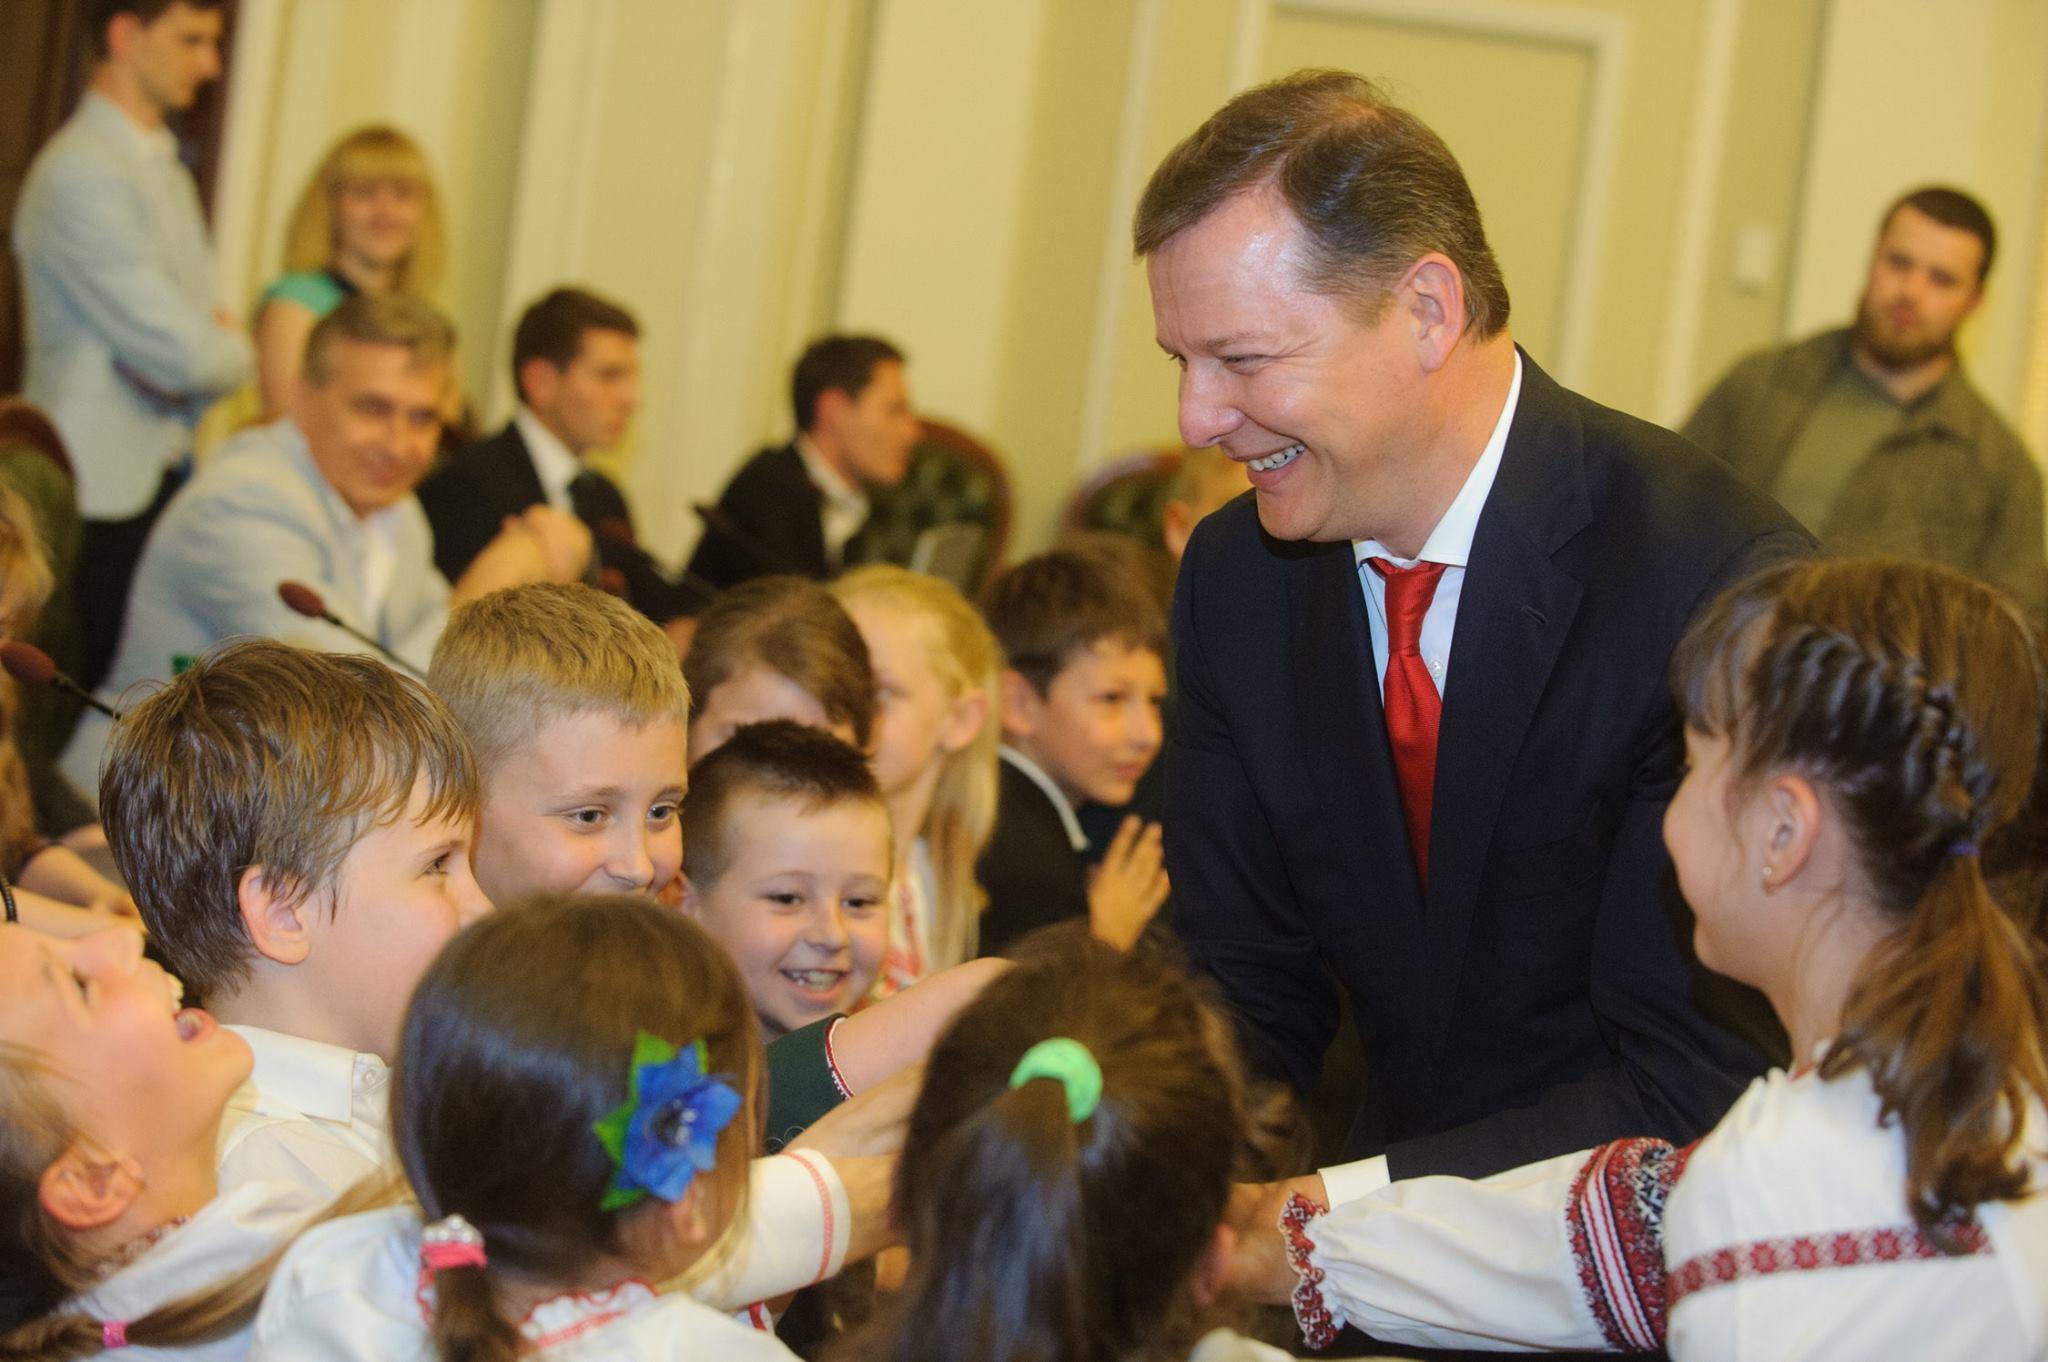 С детьми пообщались депутаты Олег Ляшко, Денис Силантьев, Алексей Кириченко и Андрей Лозовой